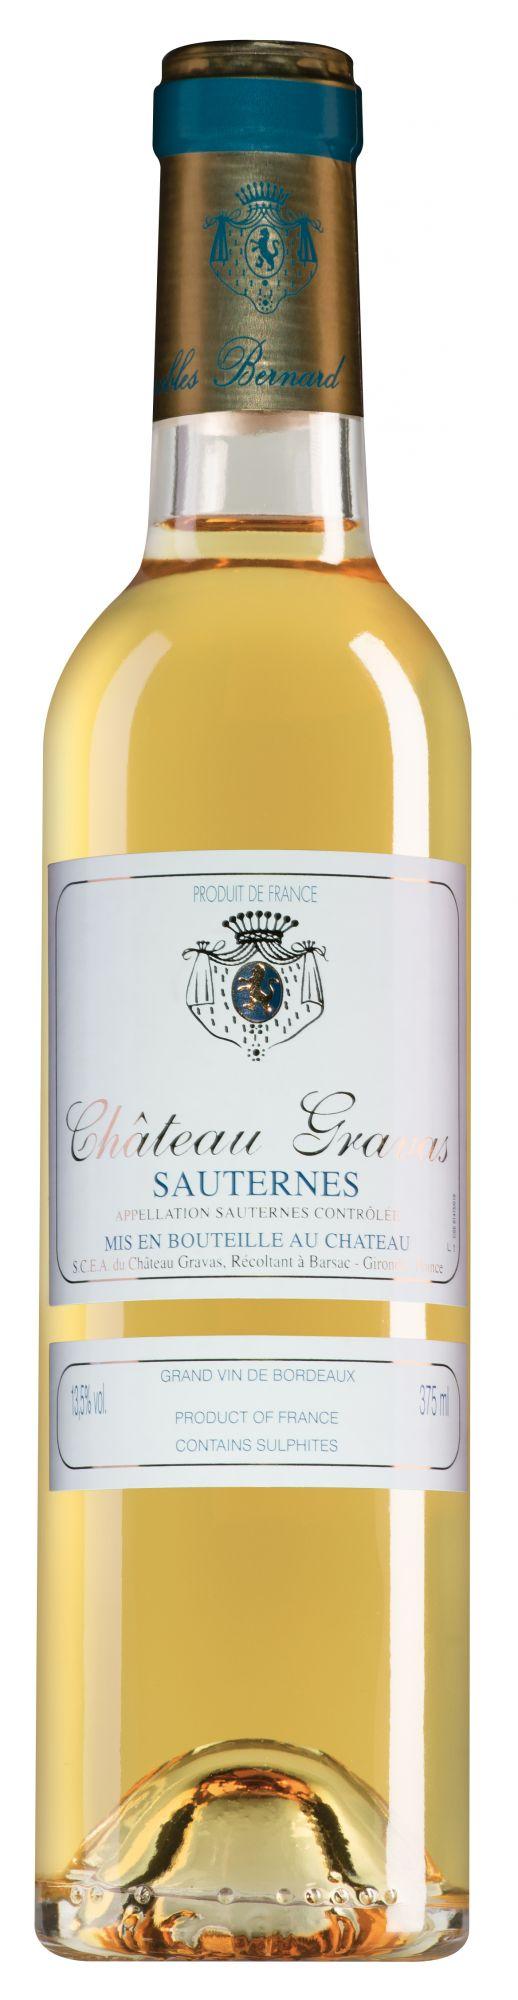 Chateau Gravas Sauternes halve fles